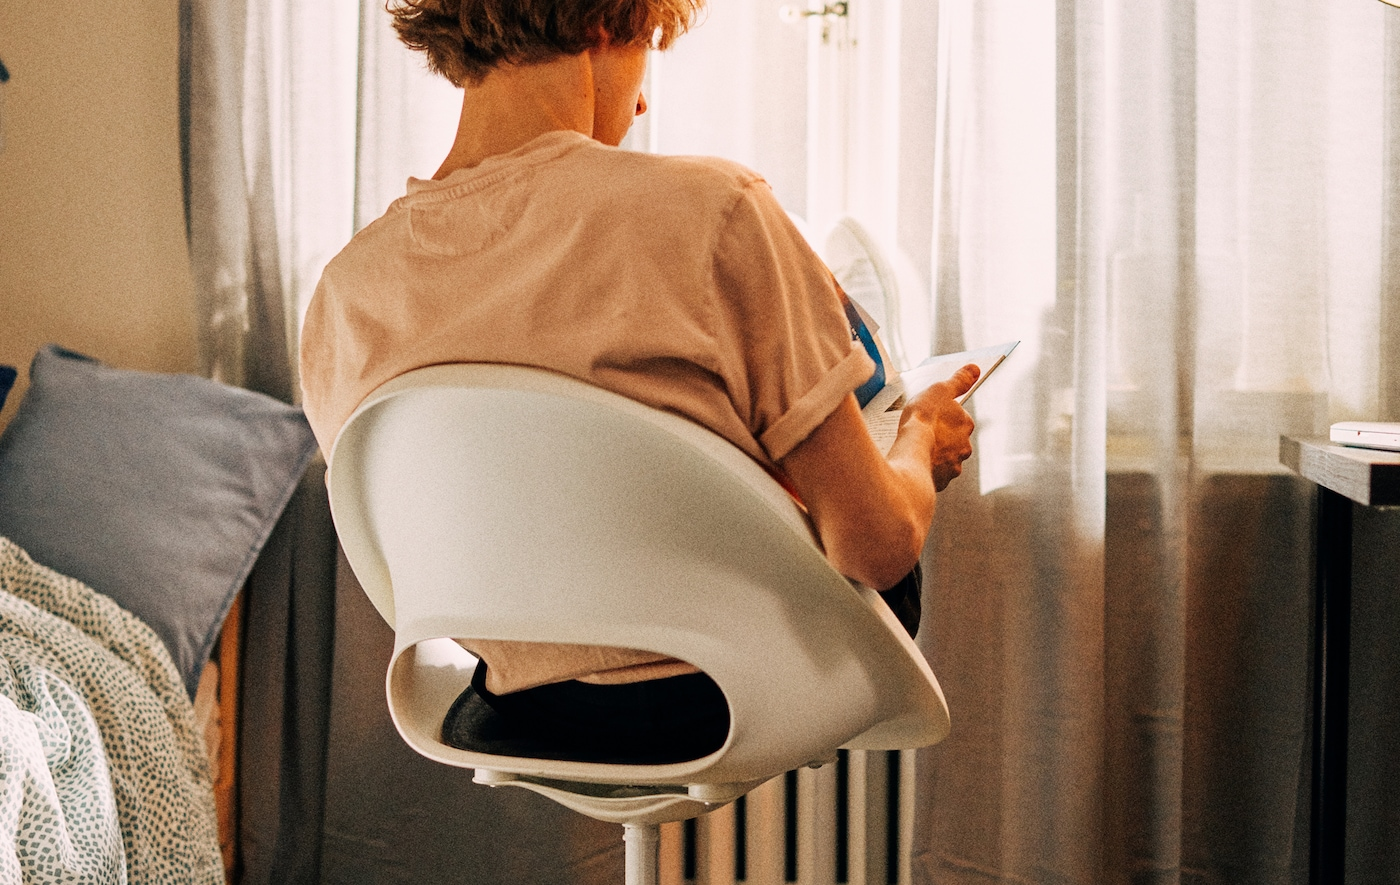 Ein junger Mann sitzt lernend auf einem Drehstuhl an einem Fenster, die Füsse hat er auf dem Heizkörper des Zimmers abgelegt.